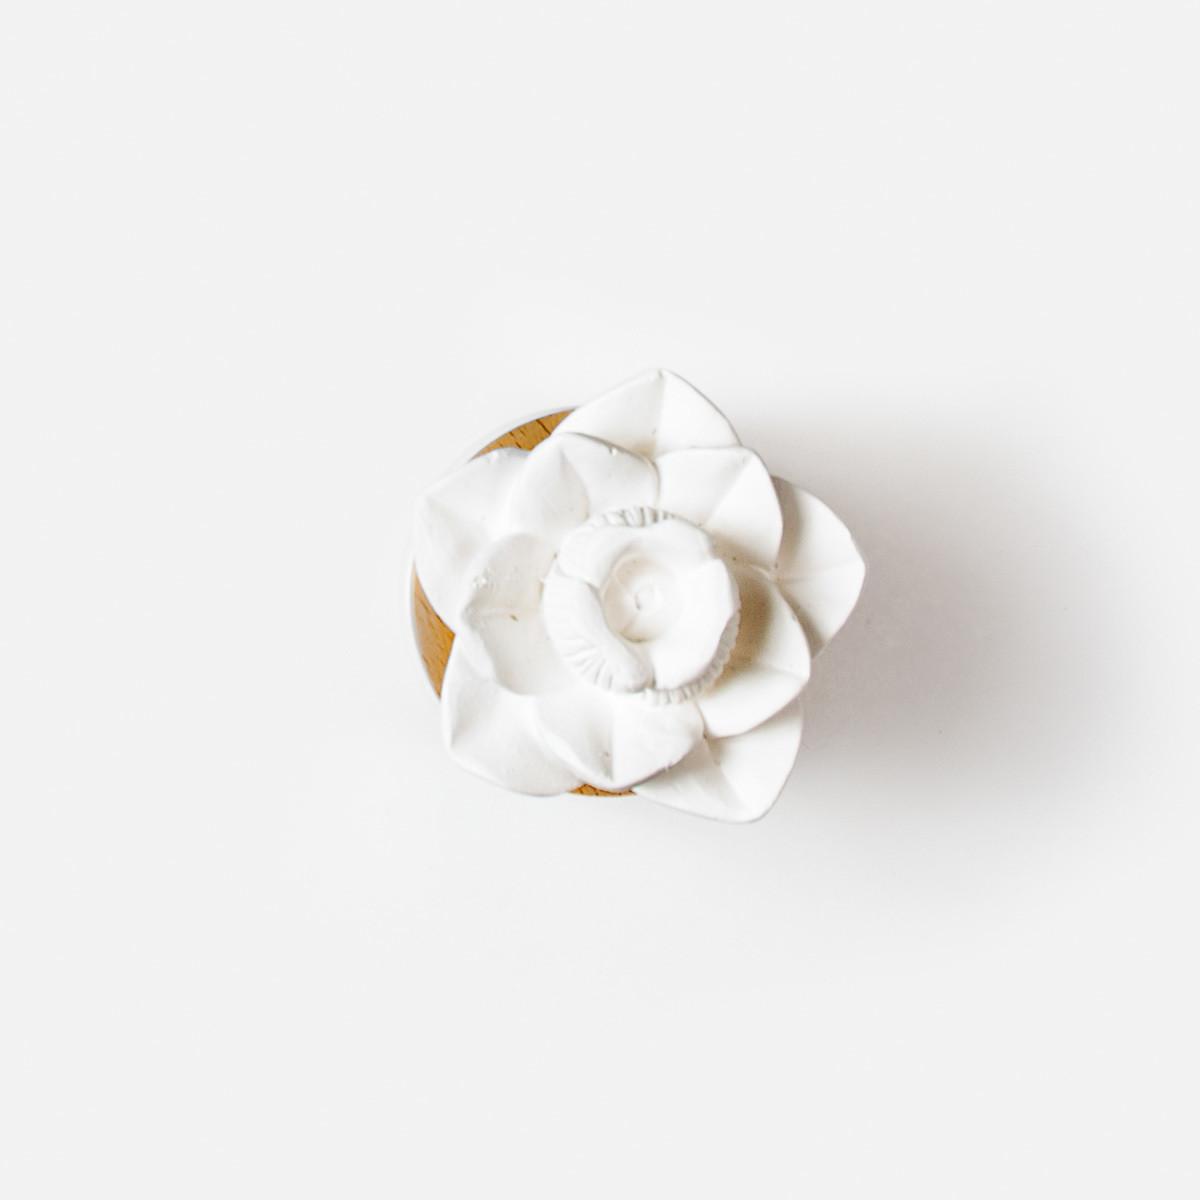 Ceramic Lotus Diffuser